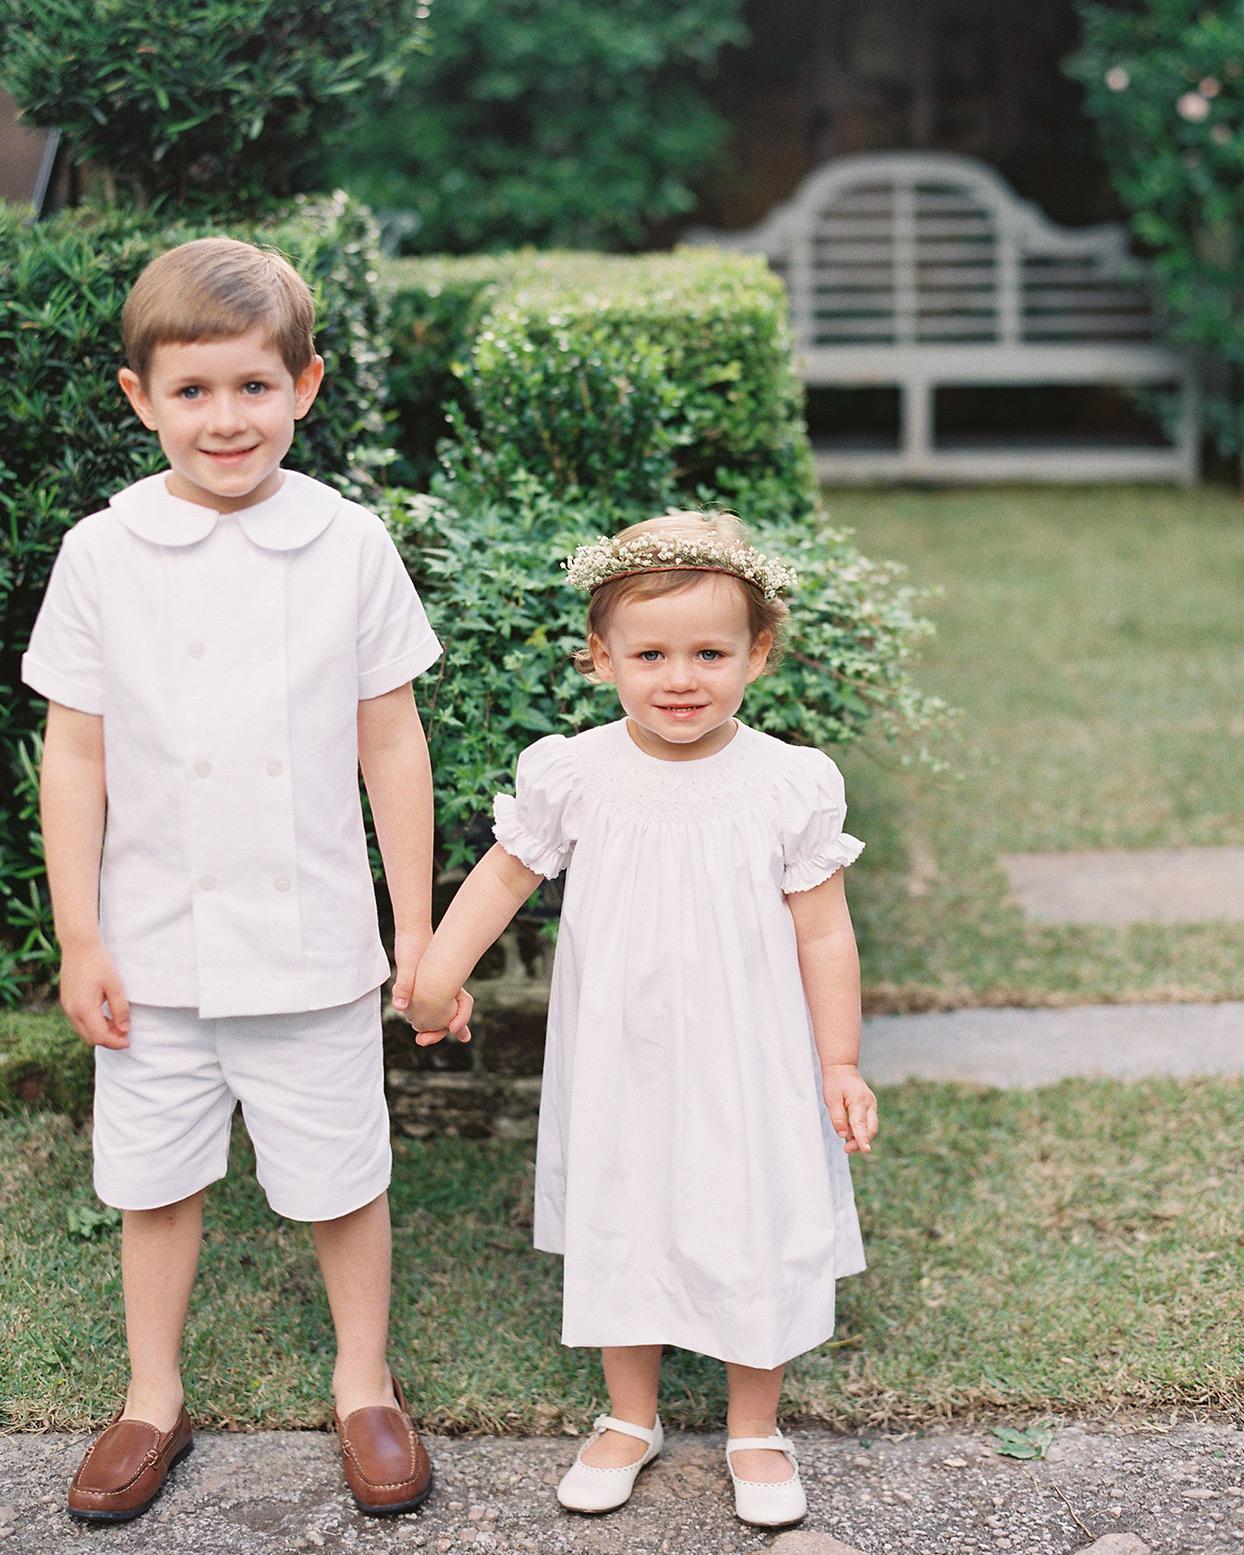 beverly steve wedding children dressed in white